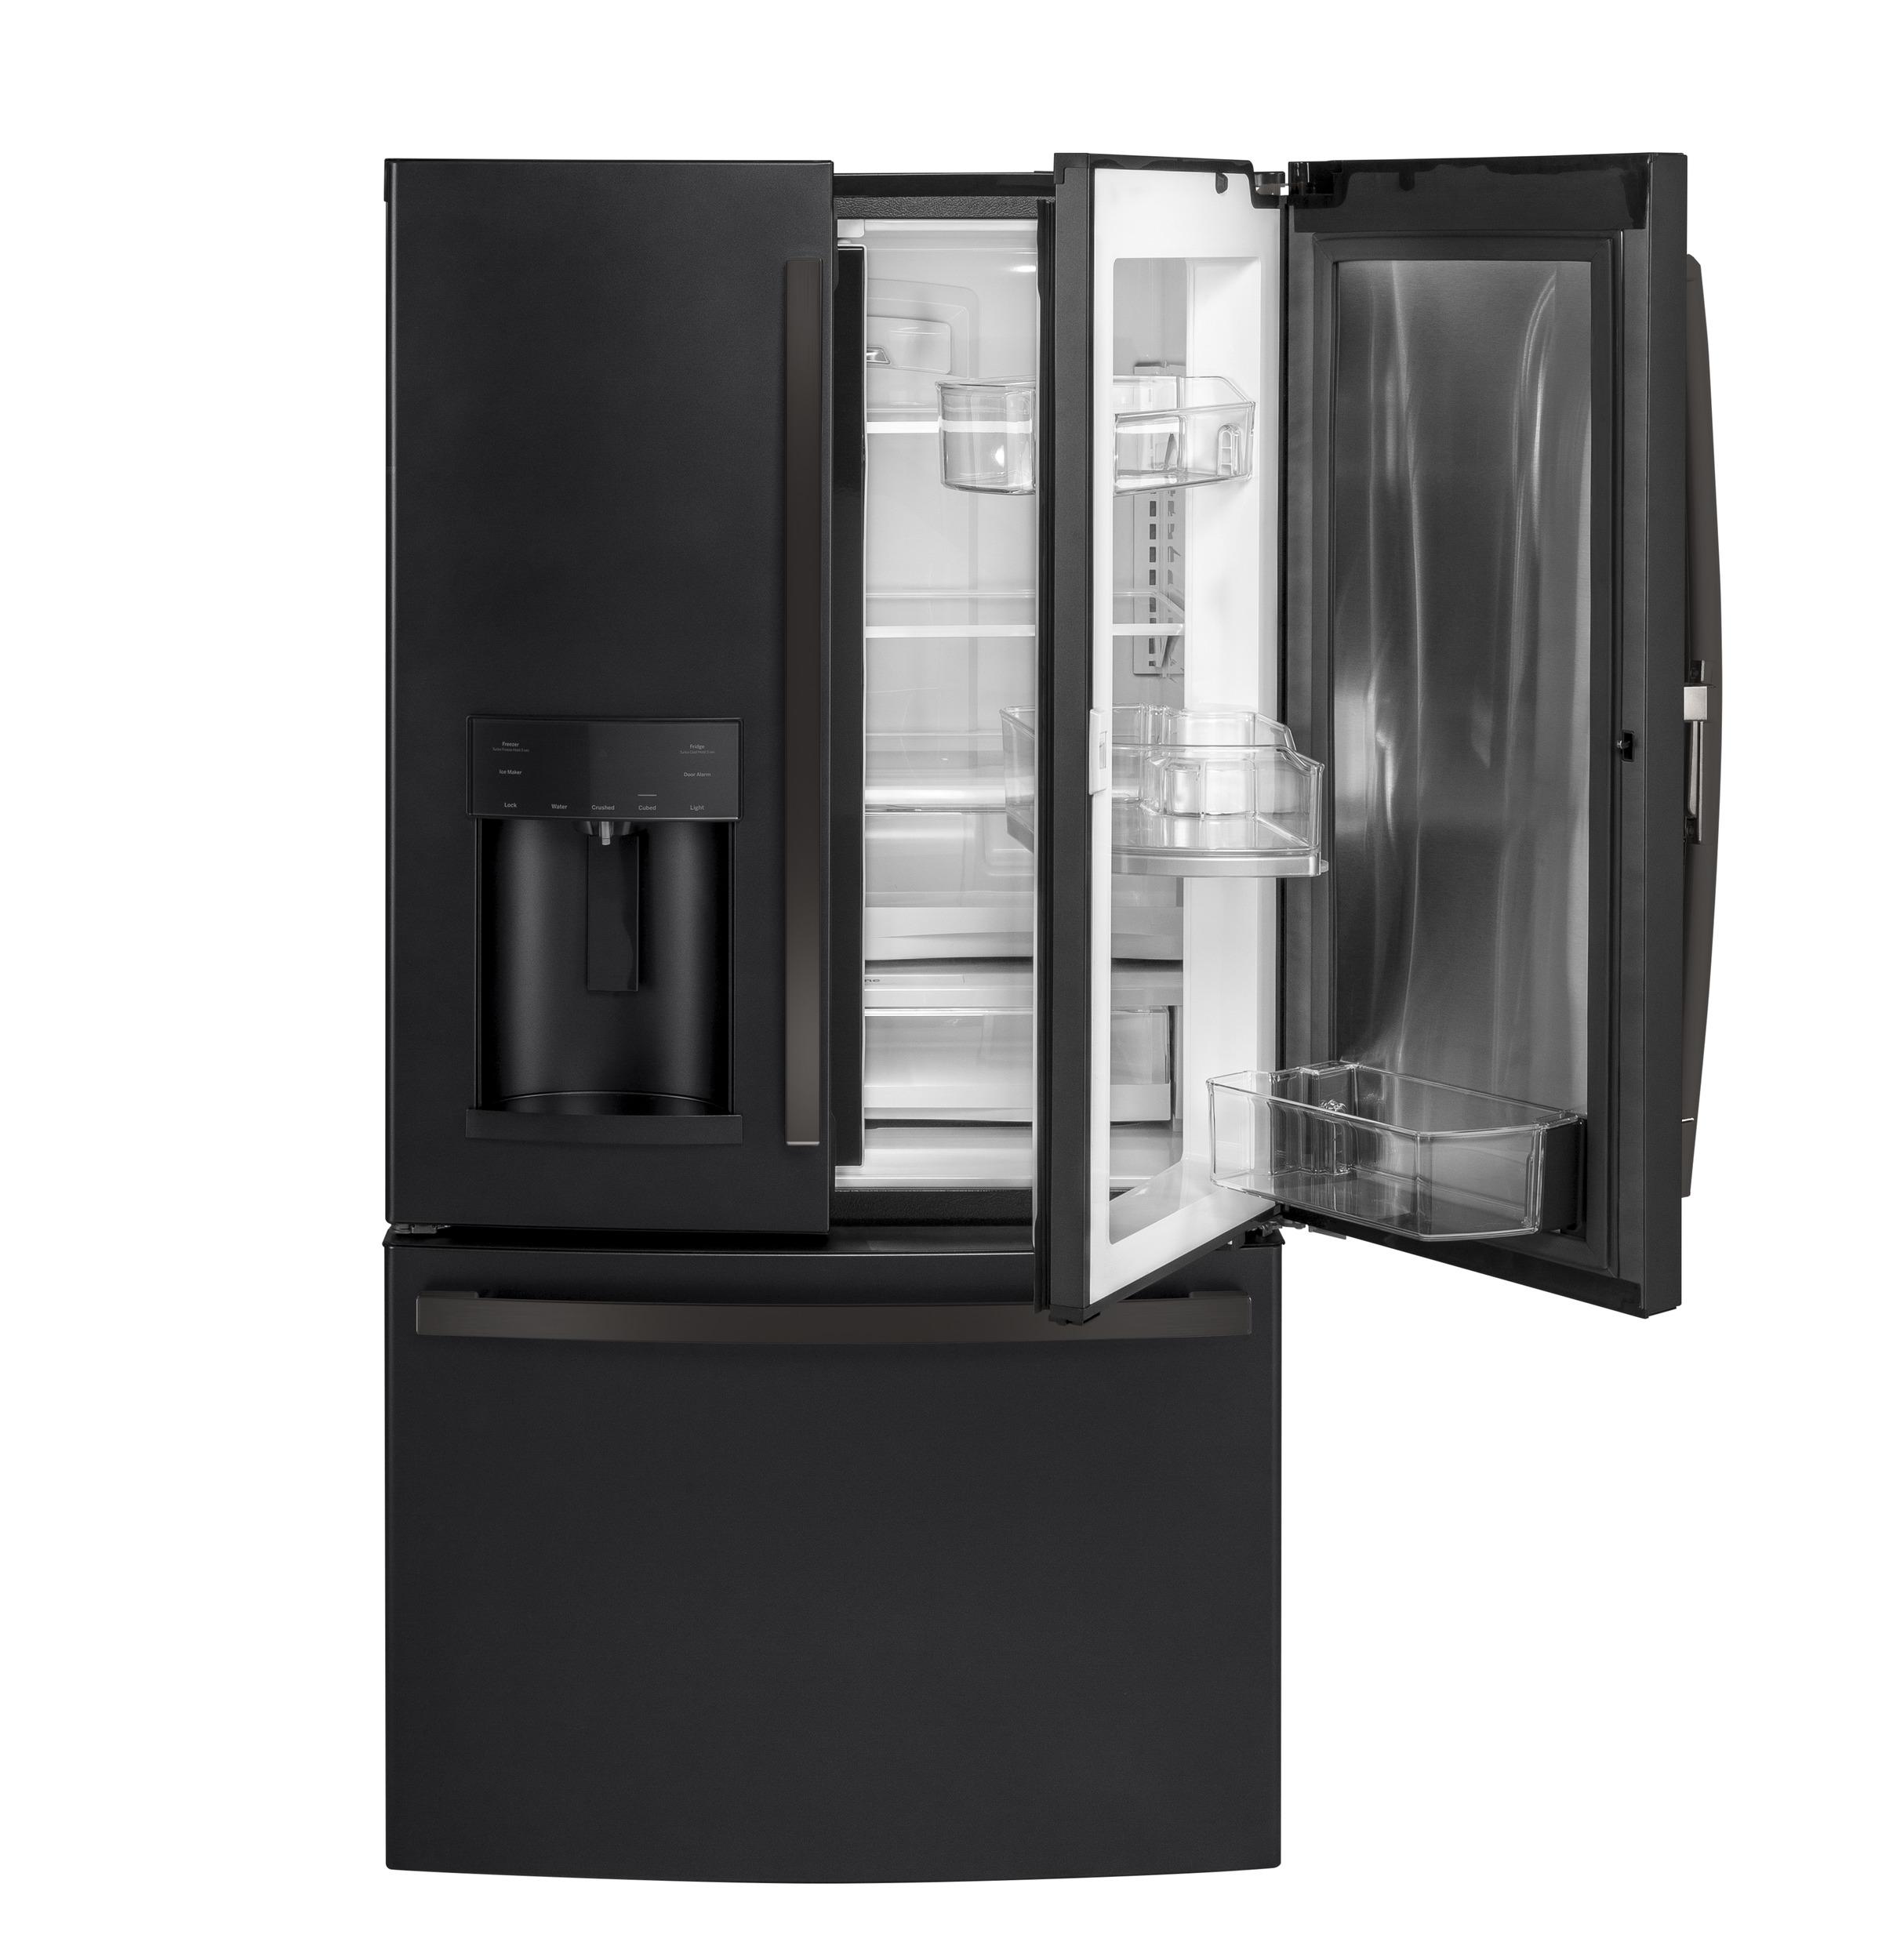 Model: GFD28GELDS | GE GE® 27.7 Cu. Ft. French-Door Refrigerator with Door In Door